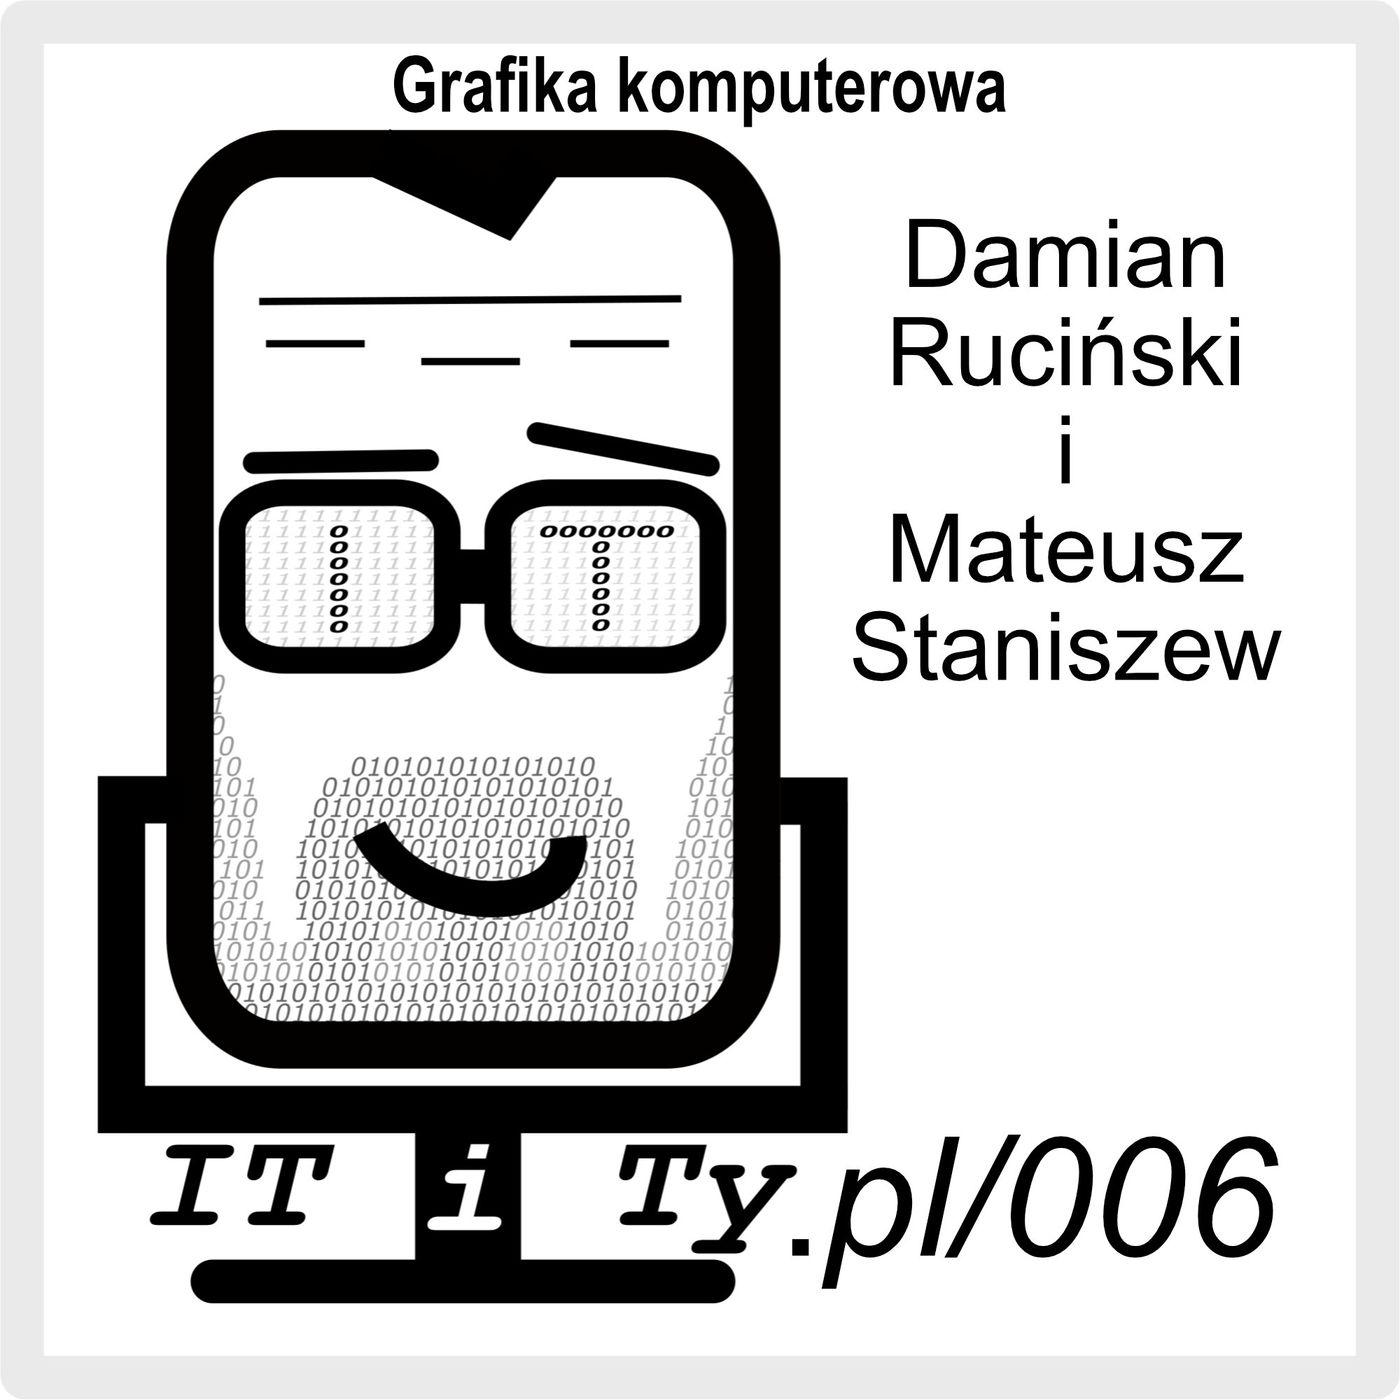 ITiTy#006 Grafika Komputerowa - Mateusz Staniszew